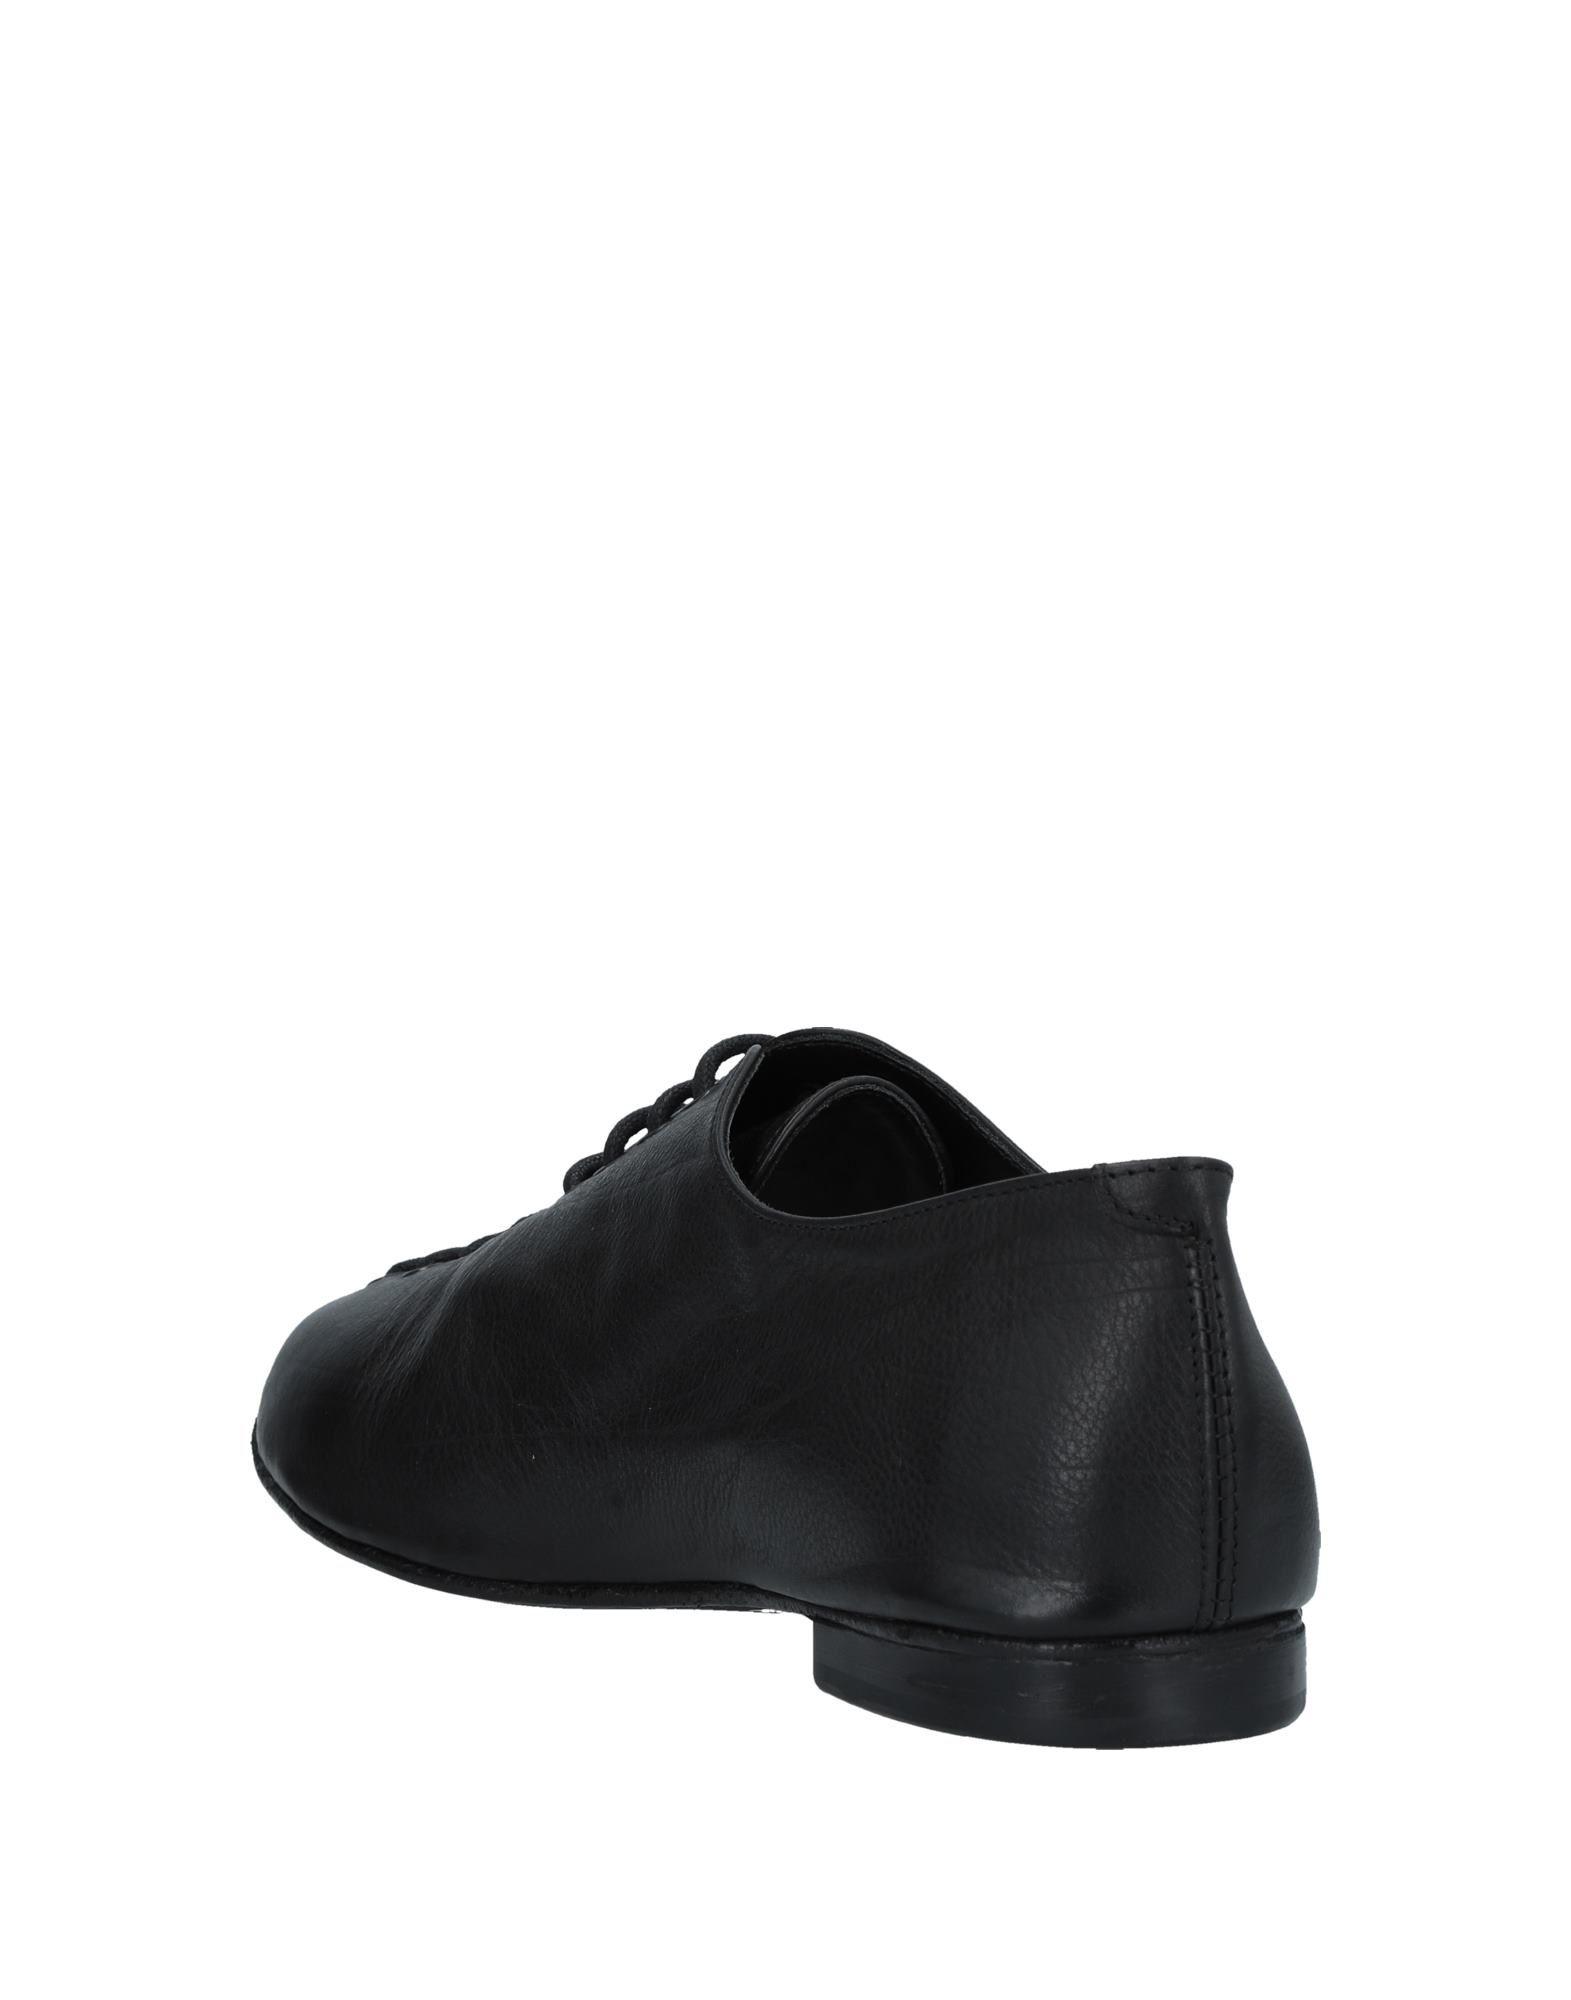 Kudetà Schnürschuhe Damen  11536126US Schuhe Gute Qualität beliebte Schuhe 11536126US c510c2